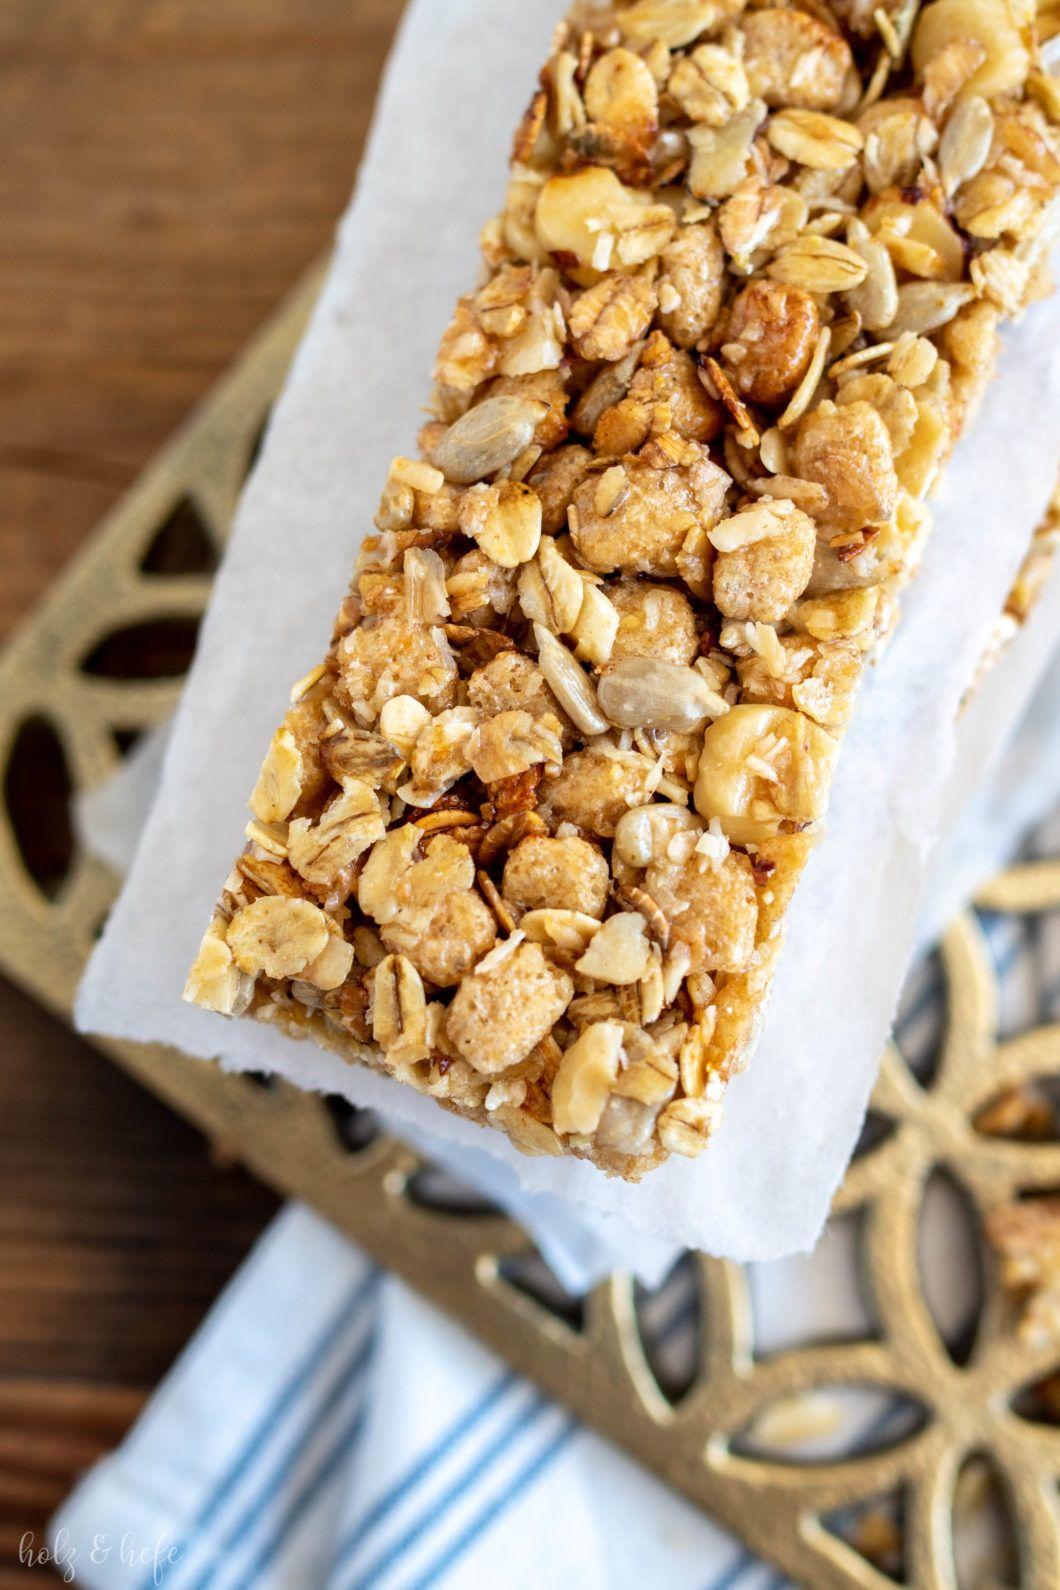 Barras de granola caseras: crujientes y hechas rápidamente Madera y levadura | Blog de panadería y sostenibilidad